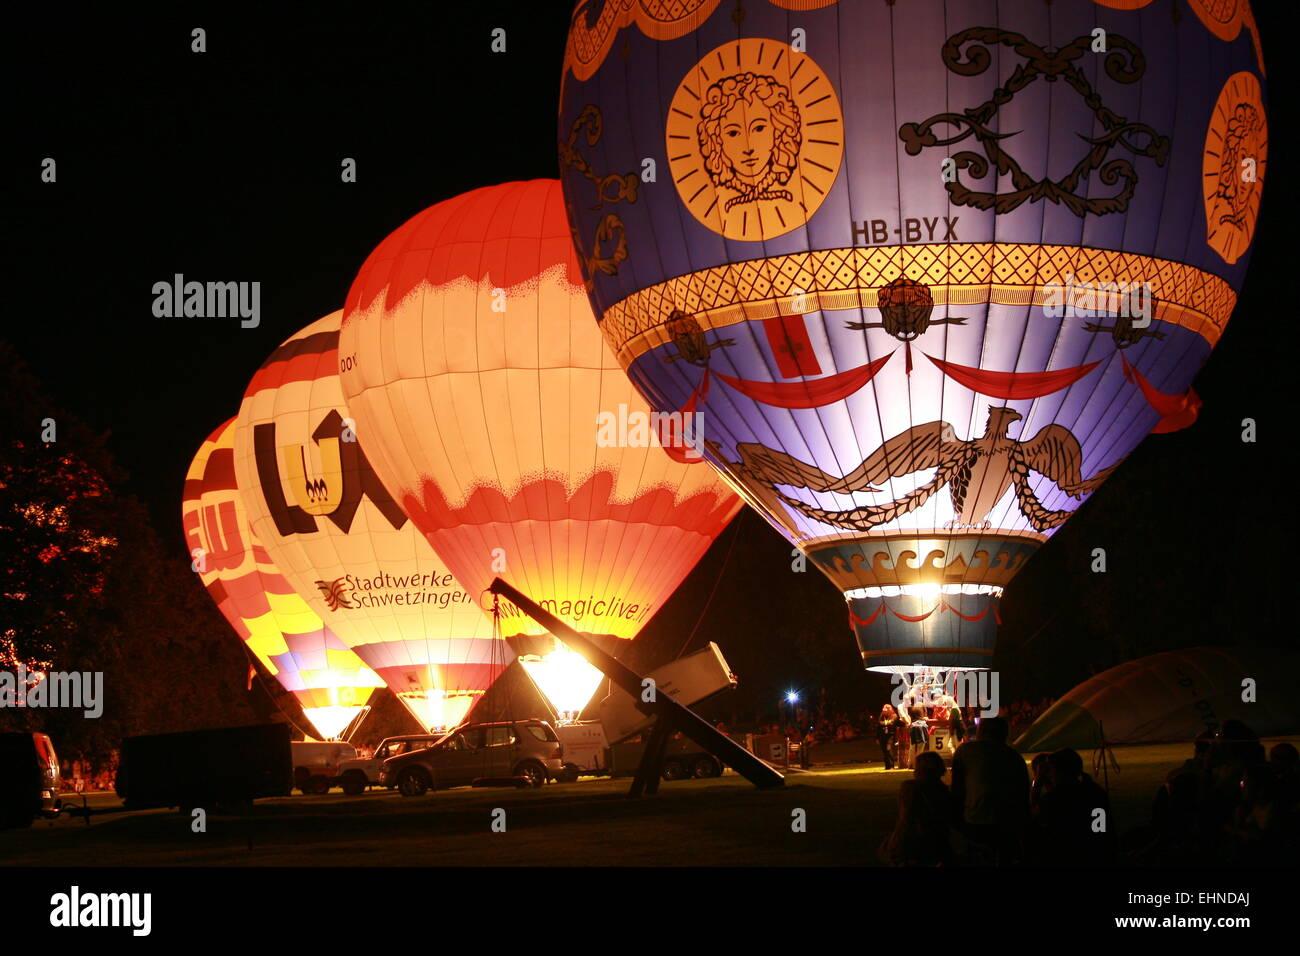 Ballon guidare di notte Immagini Stock